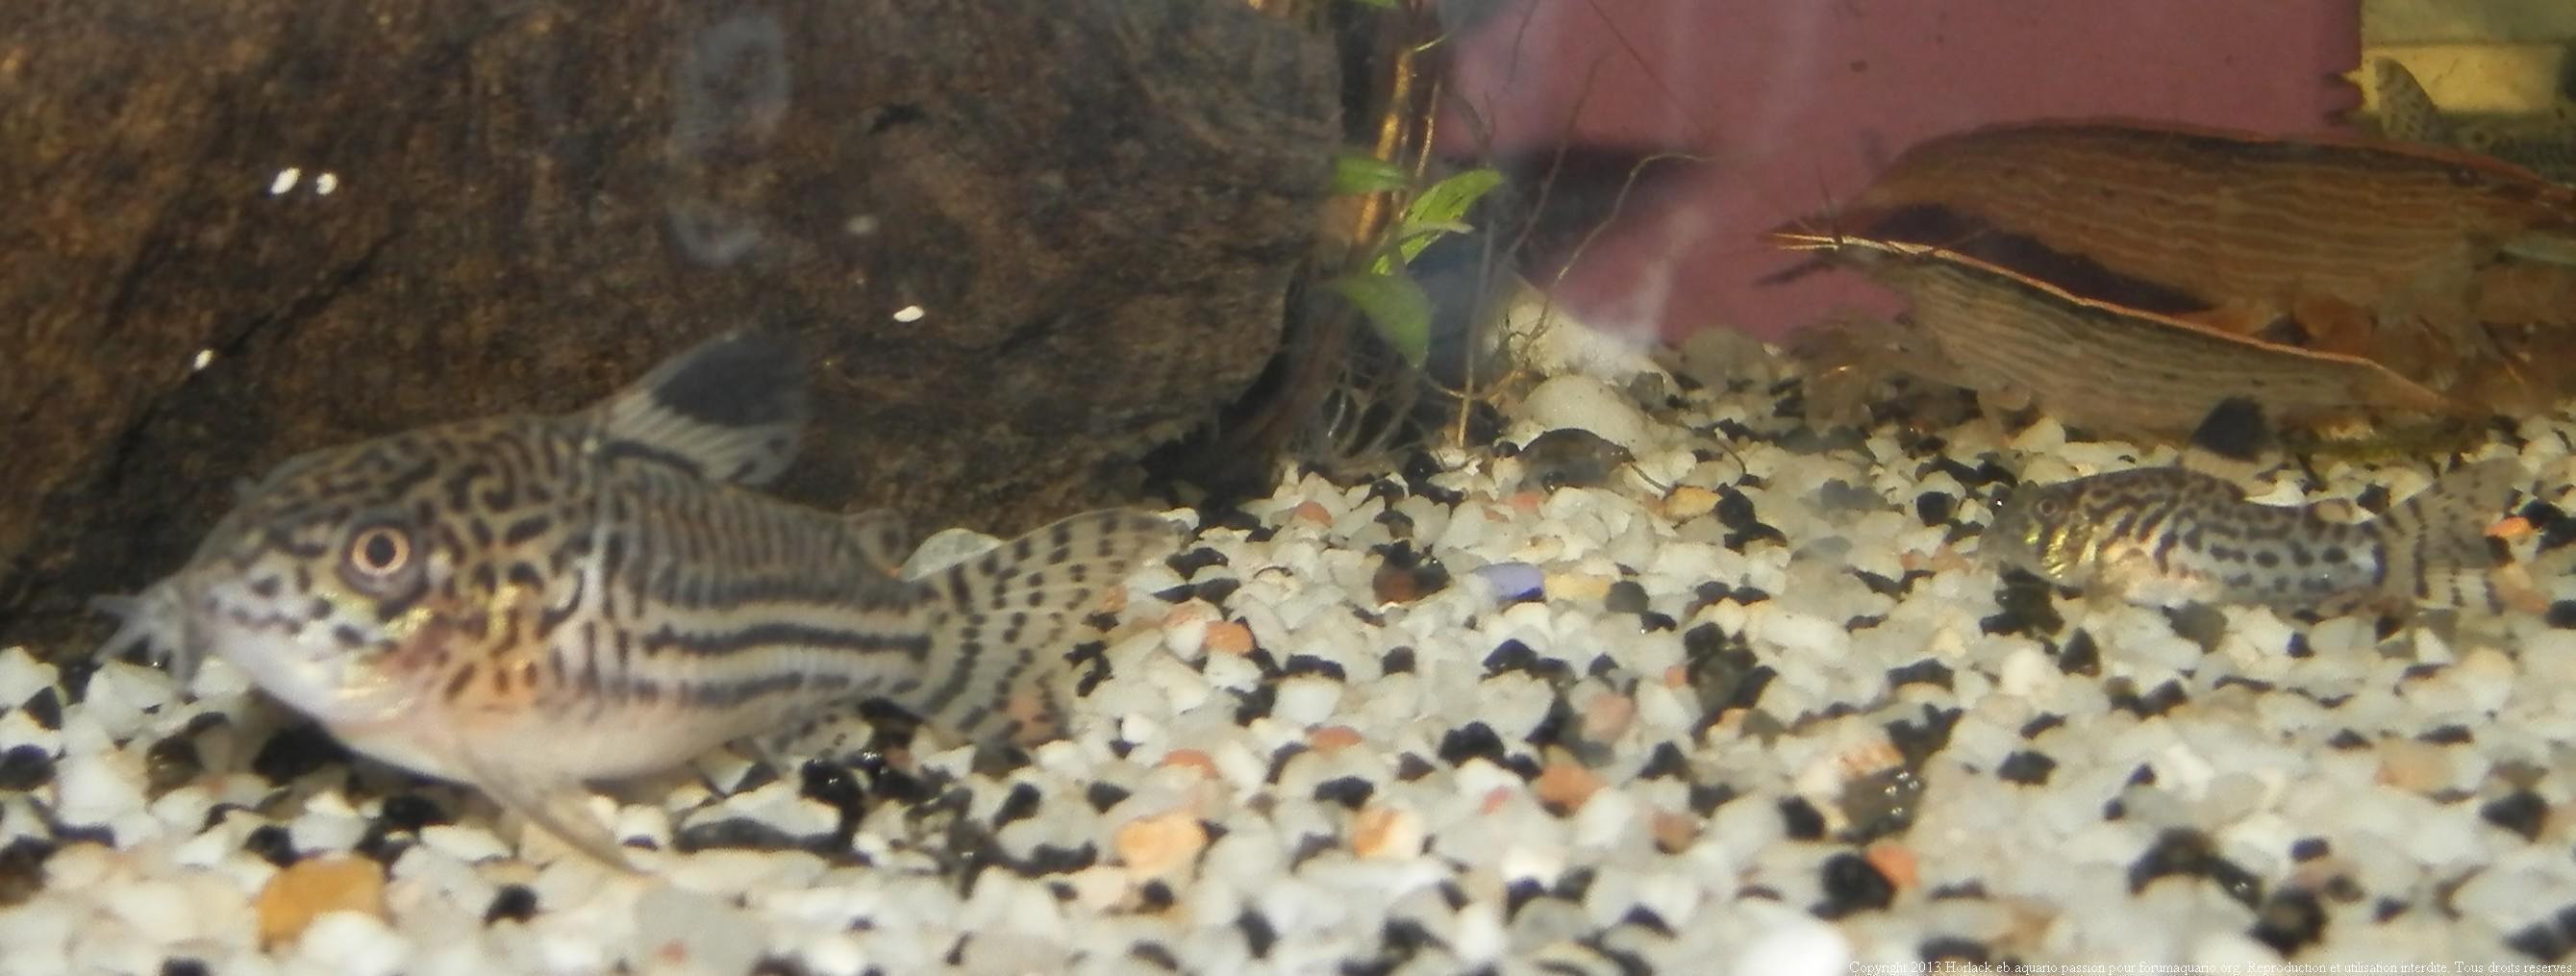 Corydoras et ventre arrondie  740199CorydorasTrilineatus0018